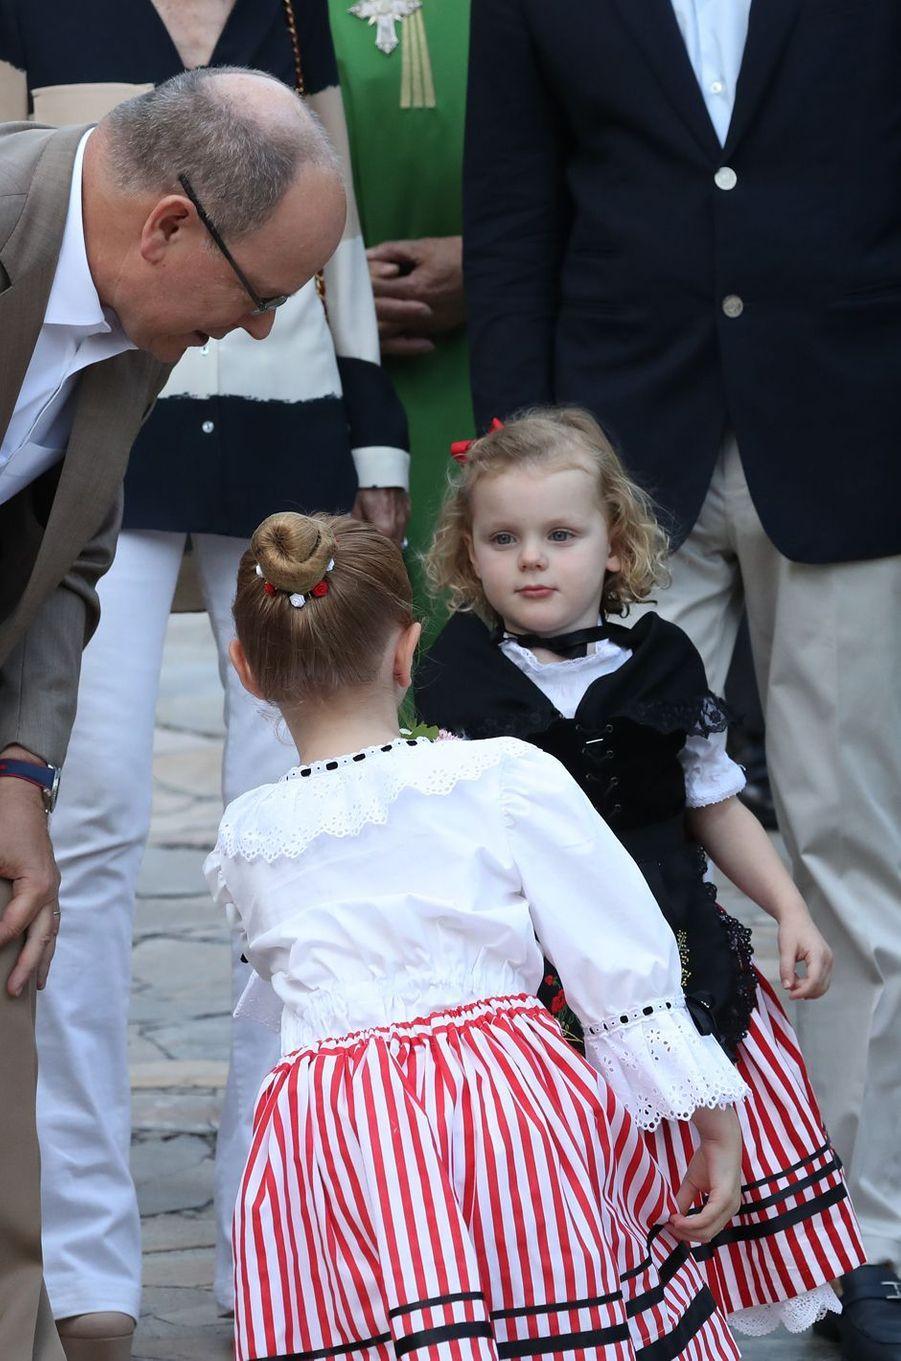 La princesse Gabriella avec son père le prince Albert II de Monaco, à Monaco le 31 août 2018